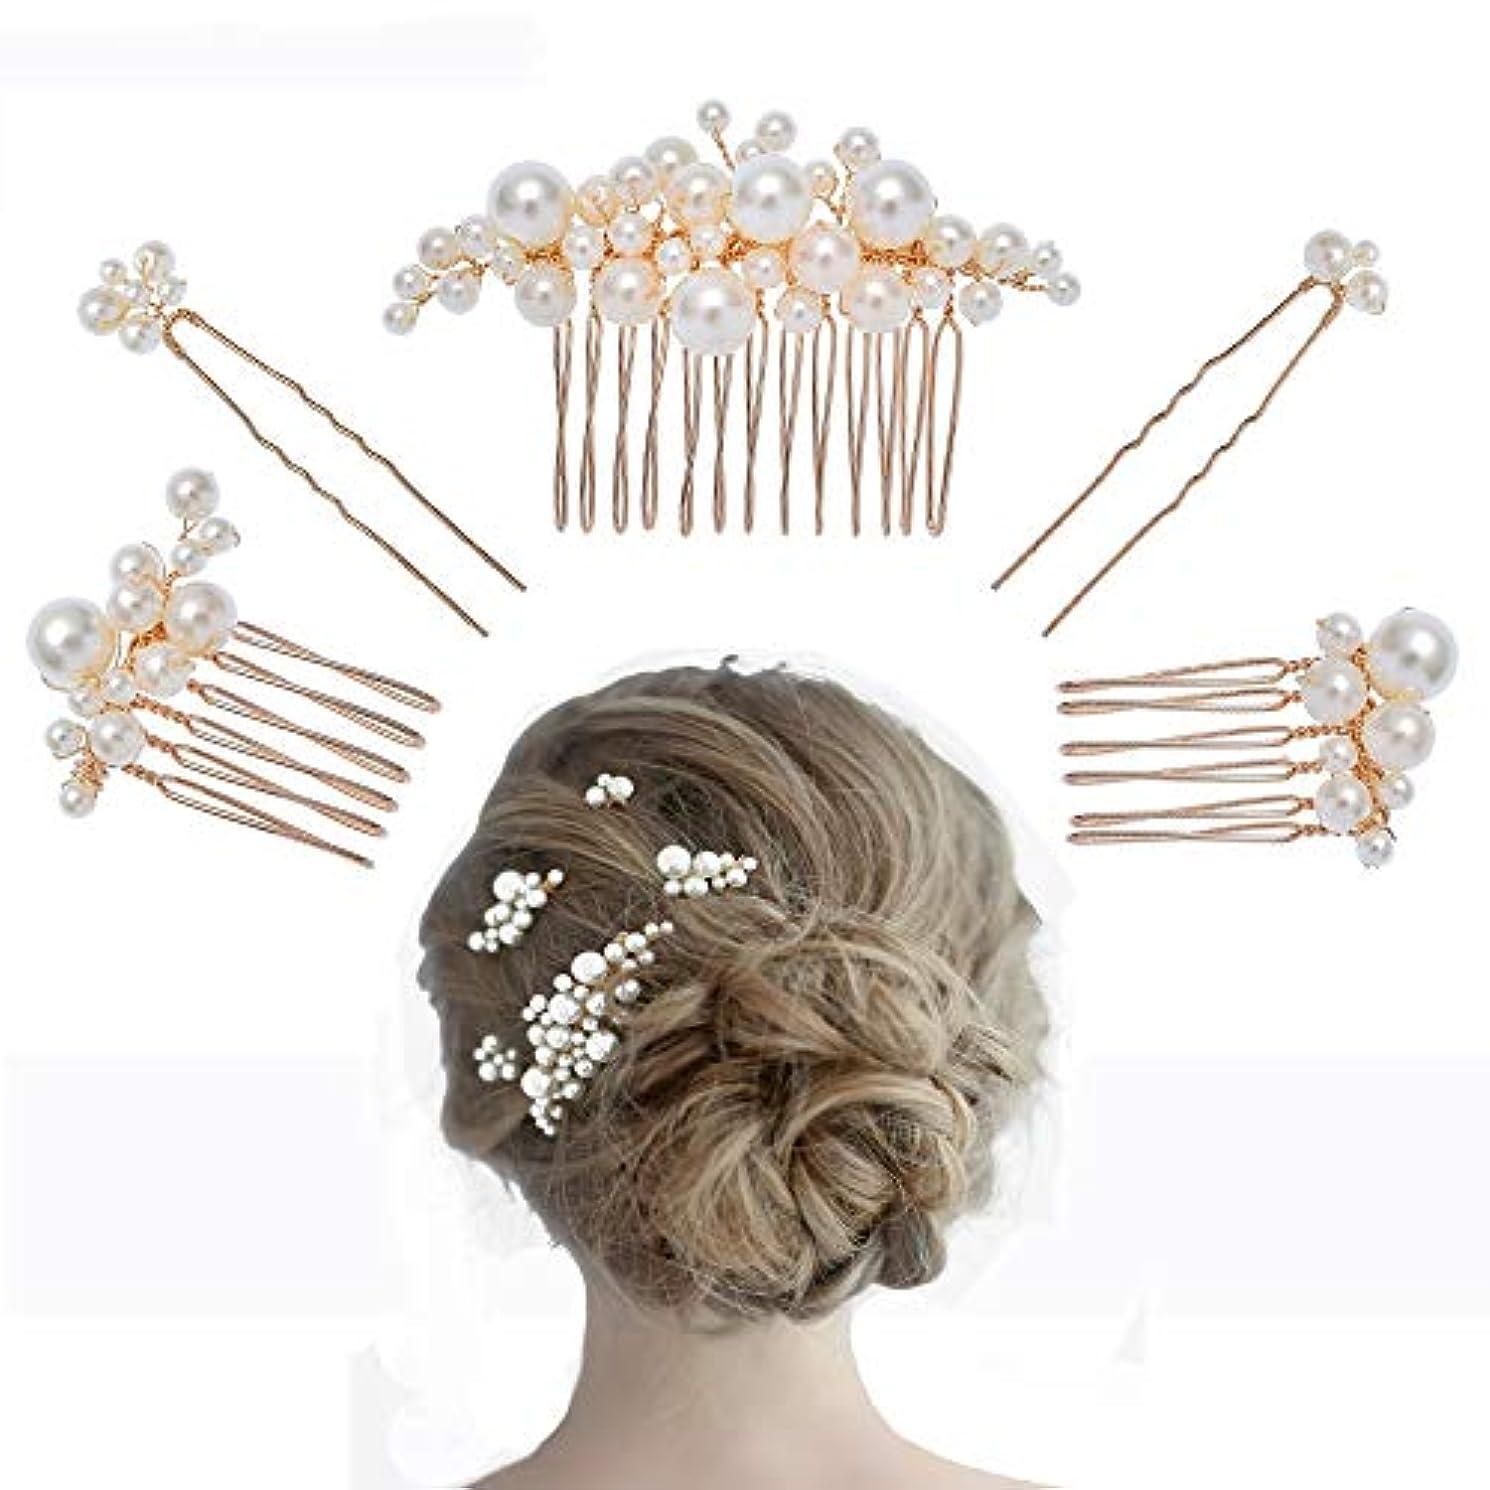 隣接する吹雪肯定的SPOKKI パール 髪飾り ヘアアクセサリー ヘアピン 3種類 5本セット ウェディング 結婚式 卒業式 発表会